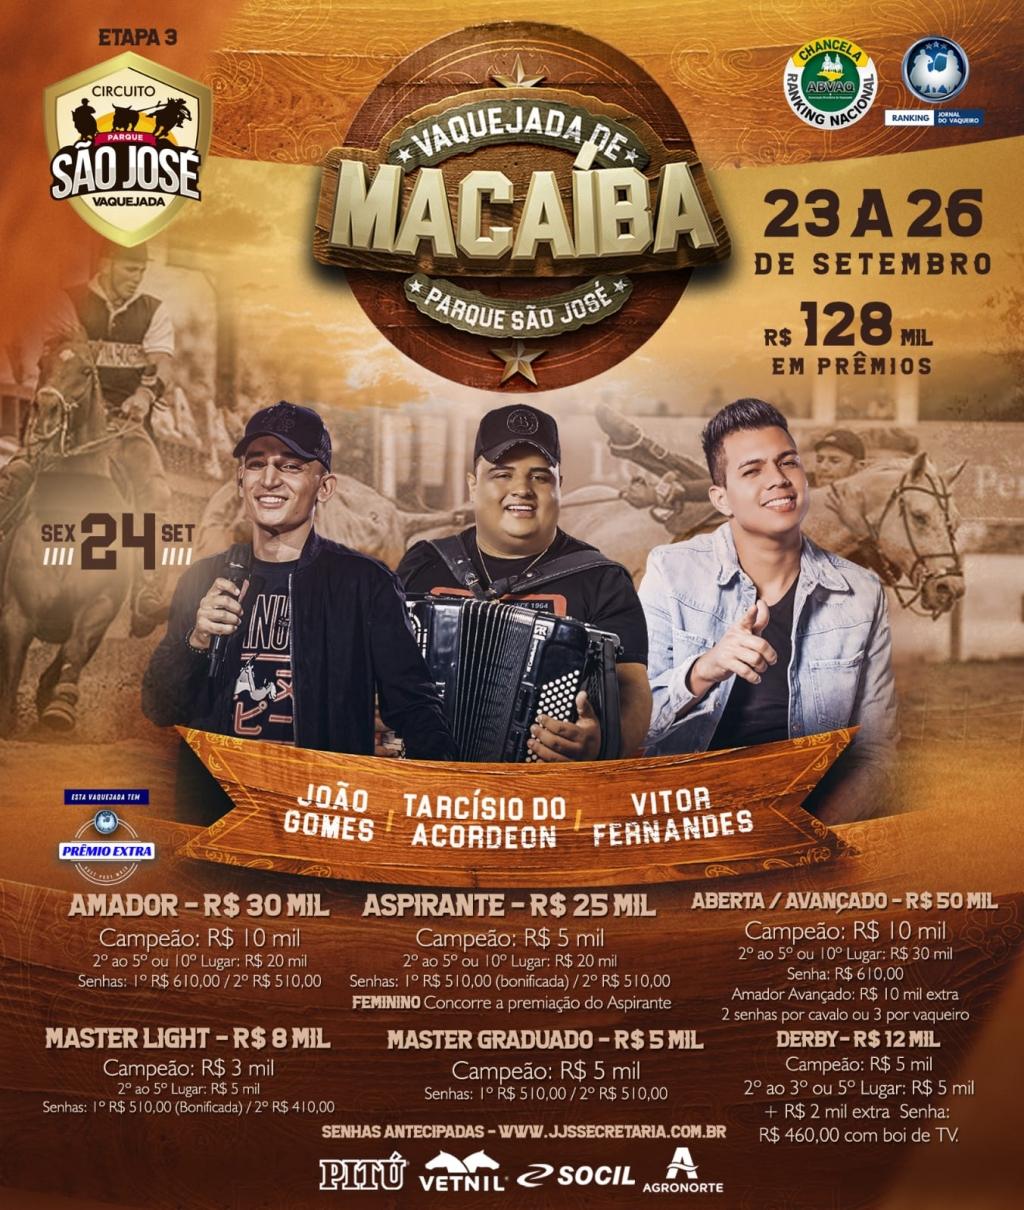 Vaquejada de Macaíba - 3ª Etapa do Circuito São José